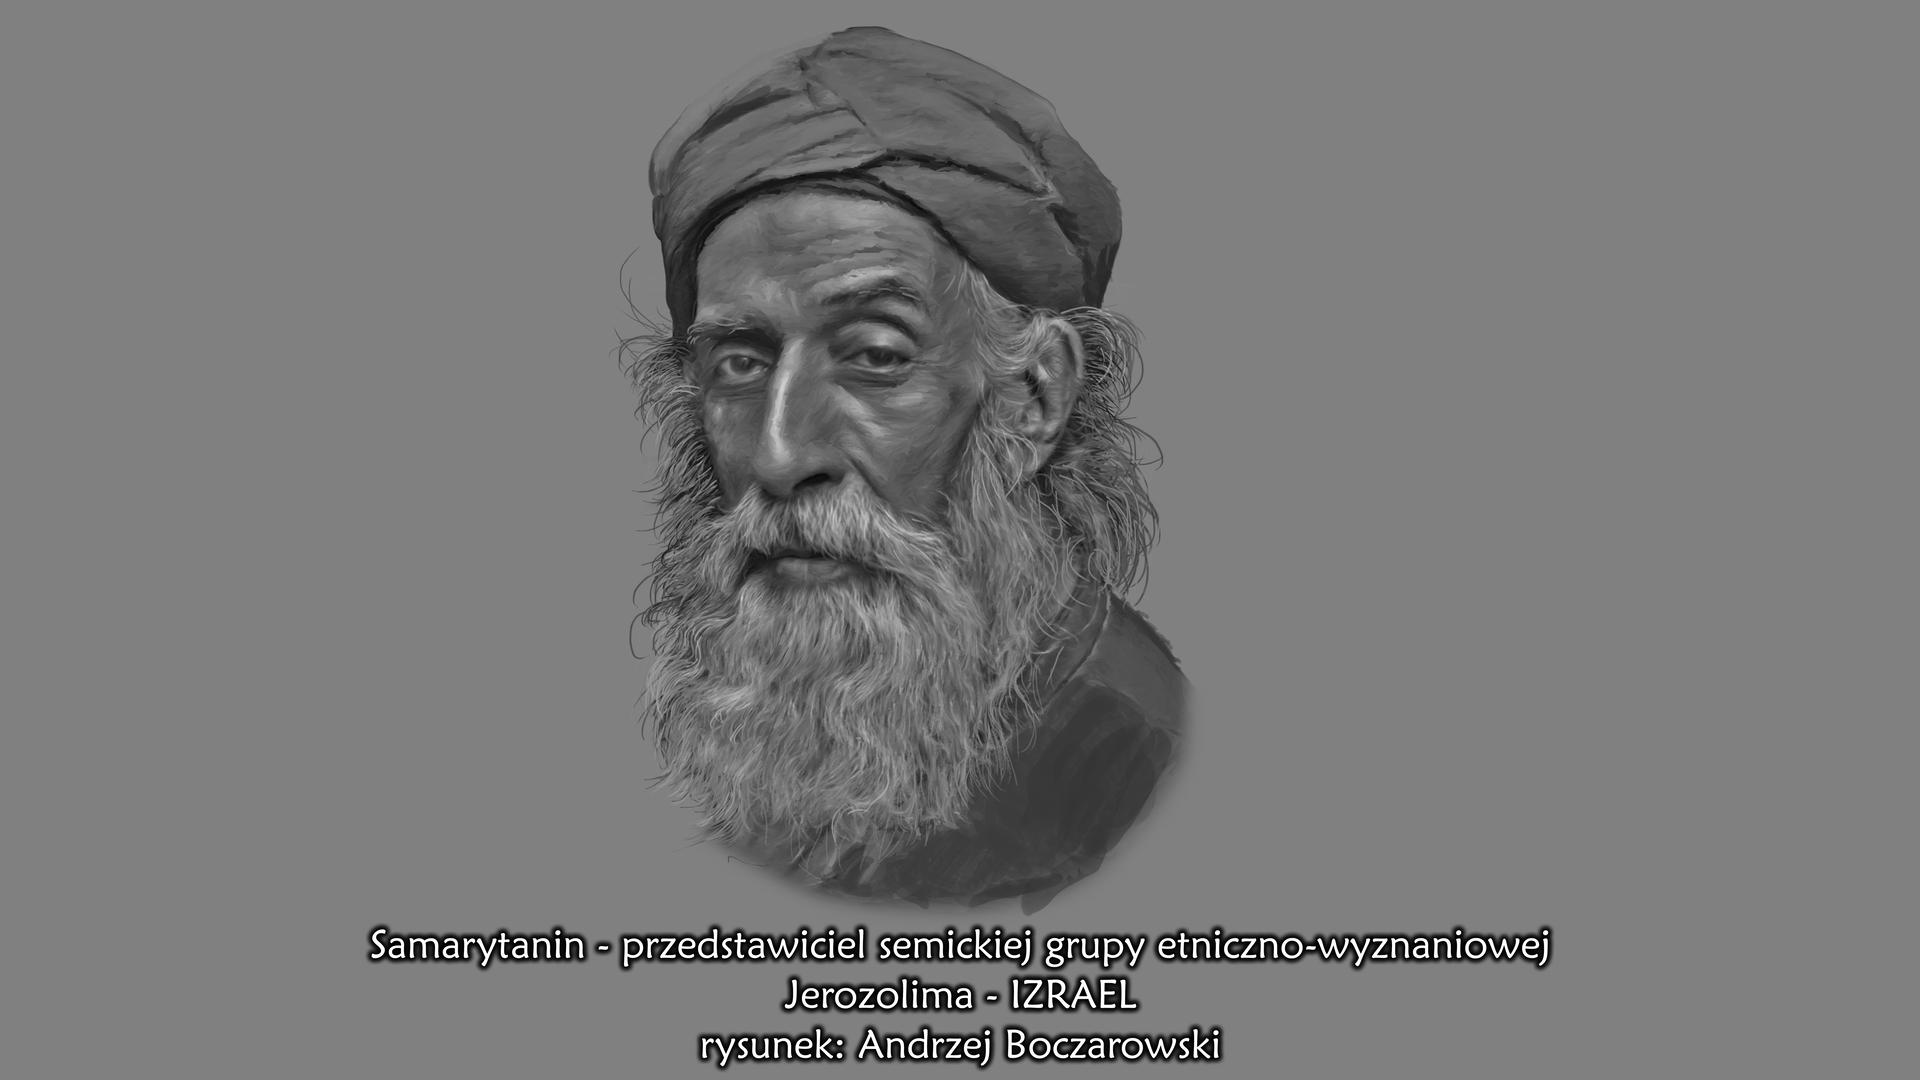 Ilustracja przedstawia portret starego Samarytanina. Mężczyzna otwarzy szczupłej, pociągłej zwysokim czołem . Posiada długa brodę iwąsy. Na głowie ma turban.